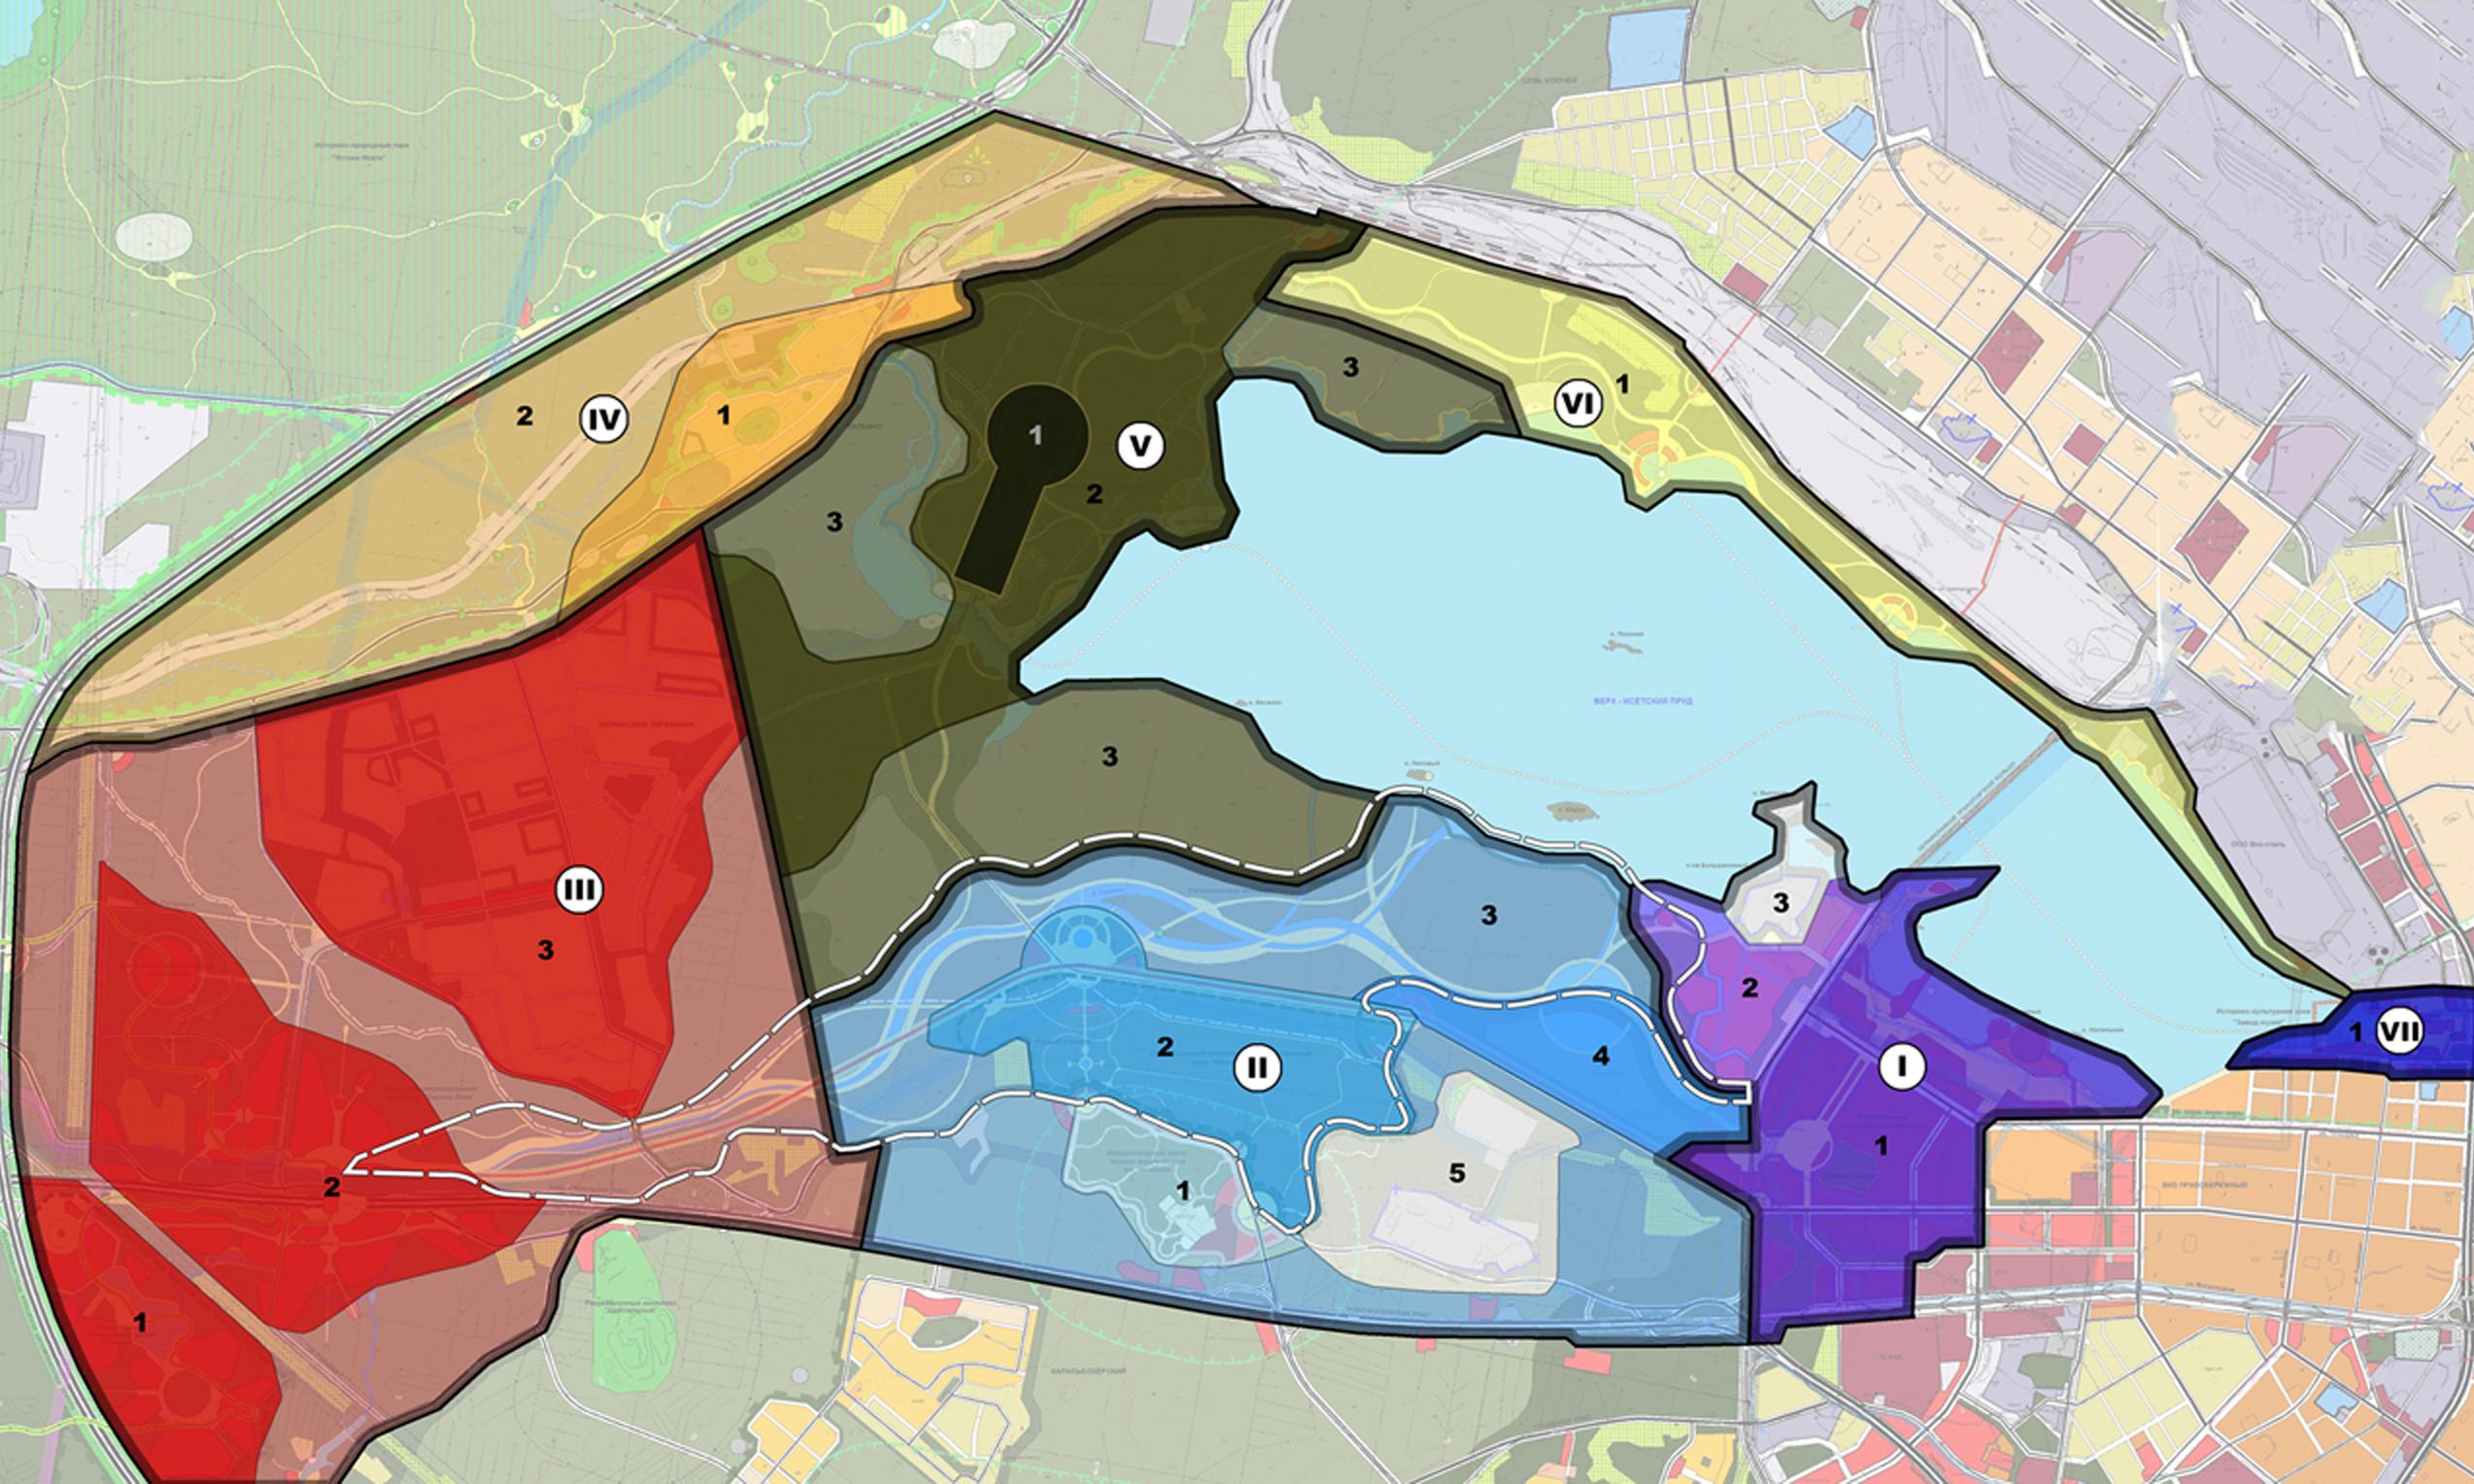 На строительство вокруг Верх-Исетского пруда пустят бюджет Екатеринбурга за 80 лет